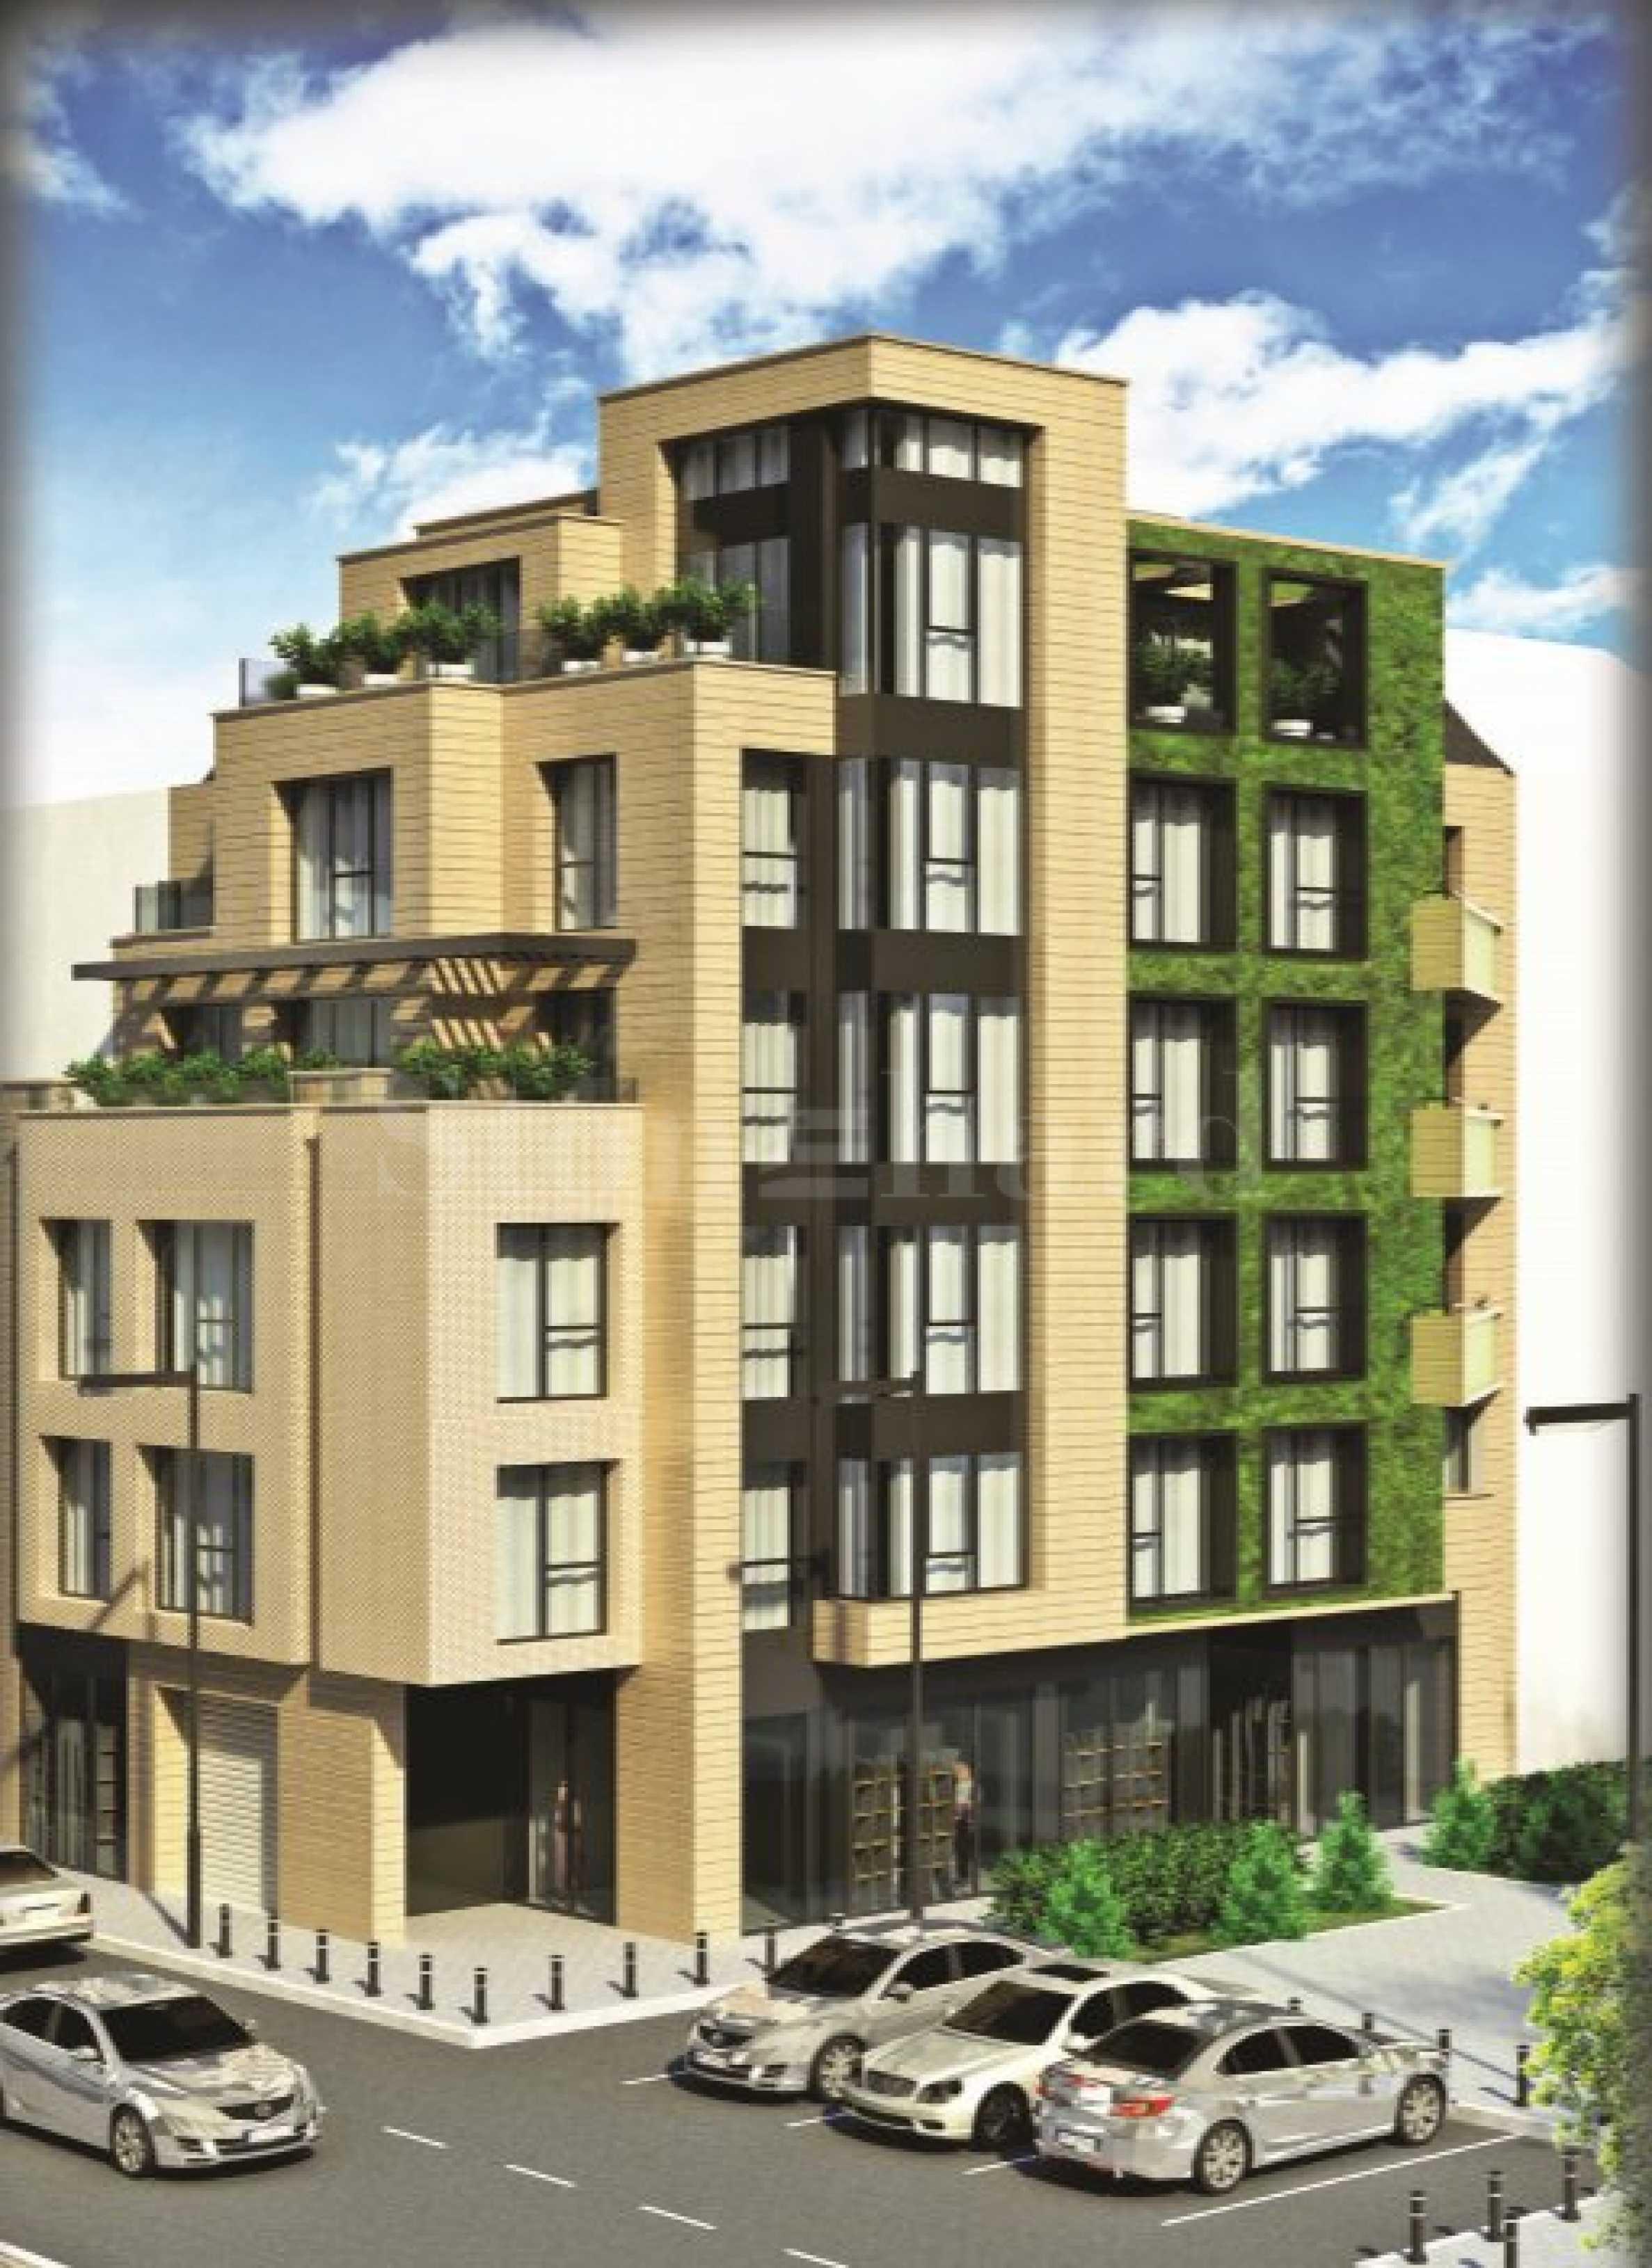 Апартаменти в нова луксозна сграда в центъра на Бургас2 - Stonehard